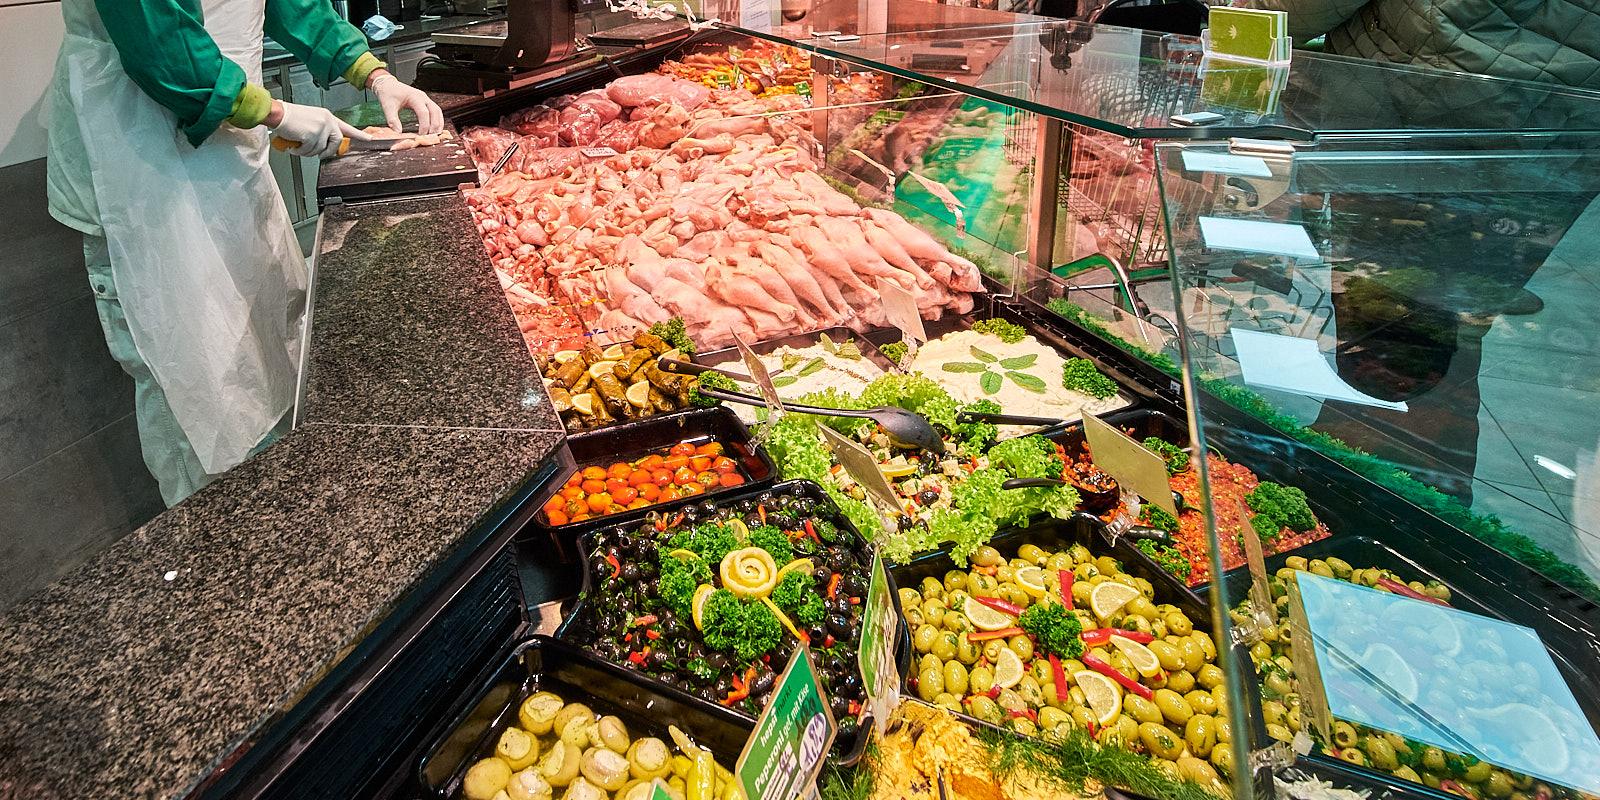 Hepsi Frischetheke mit Fleisch, Fisch und und Vorspeisen